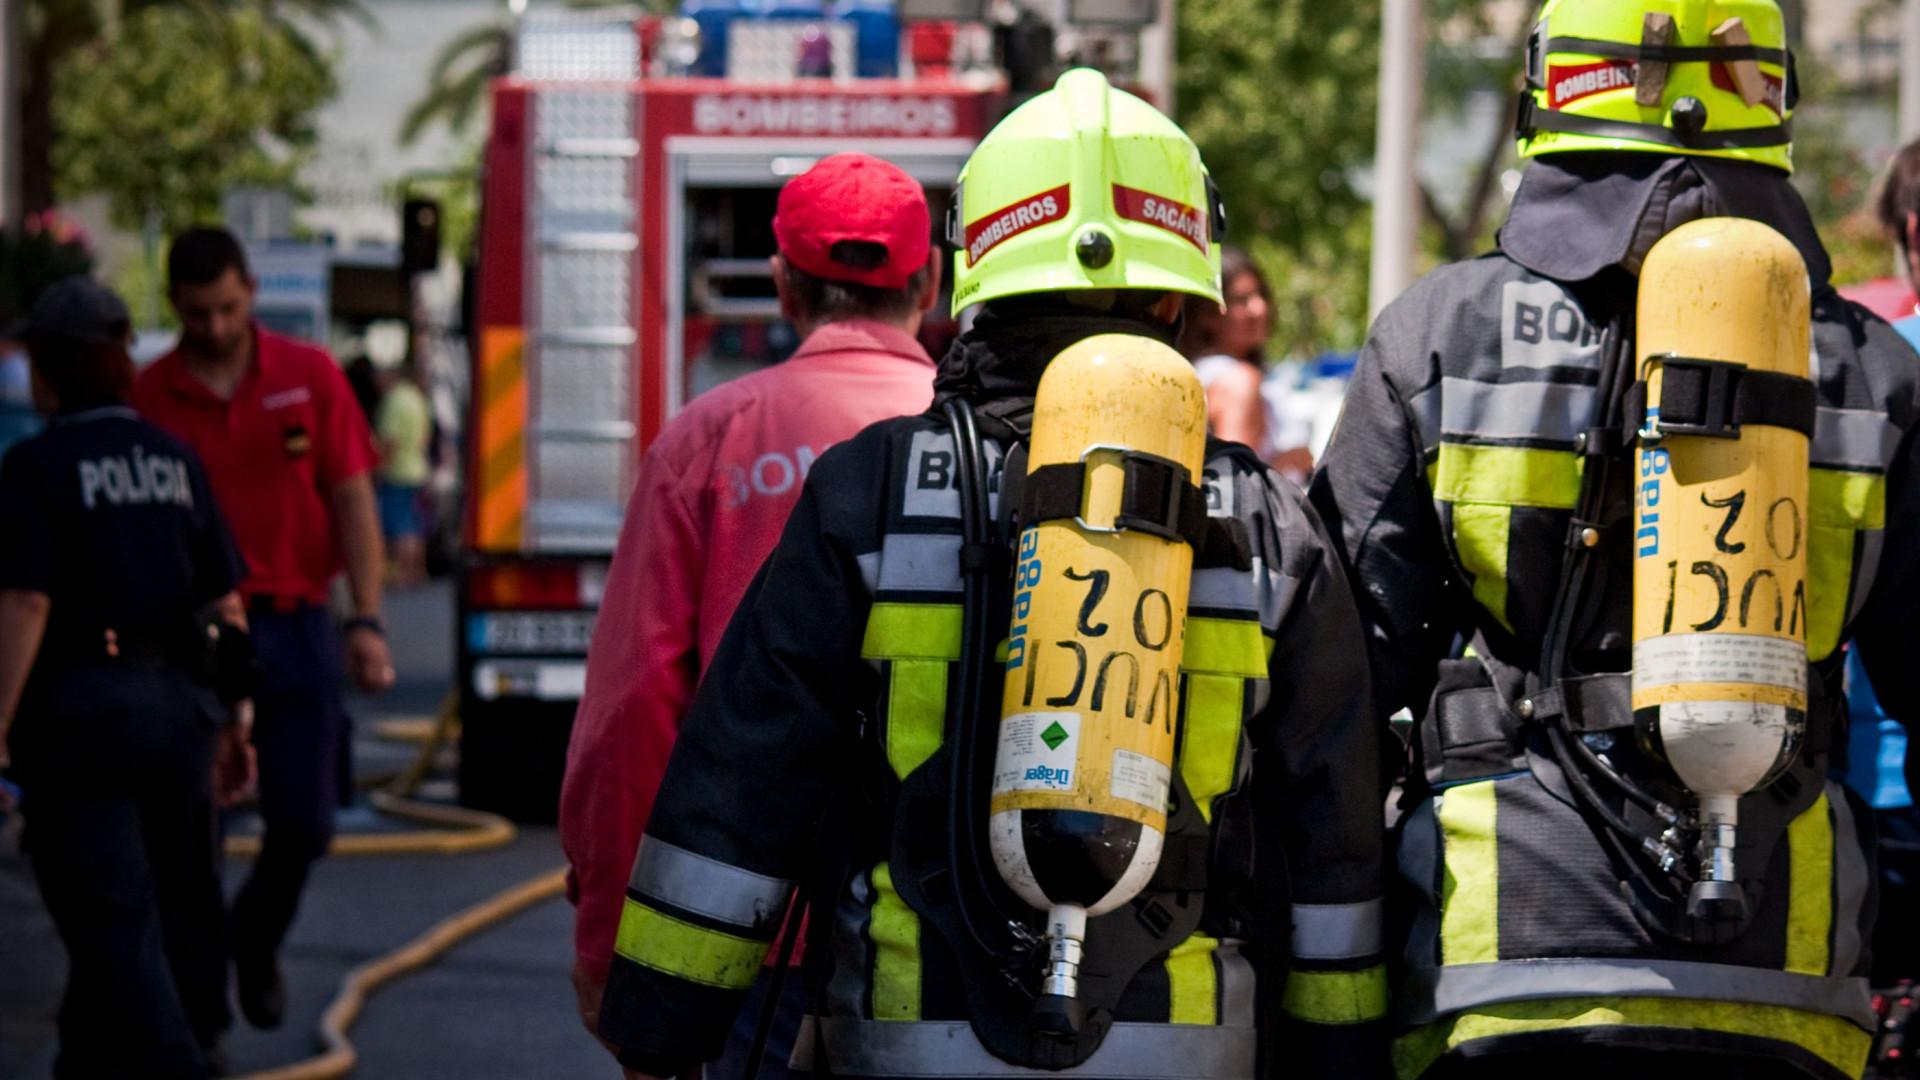 Comboio de Natal de Rio Maior incendiado na madrugada de hoje